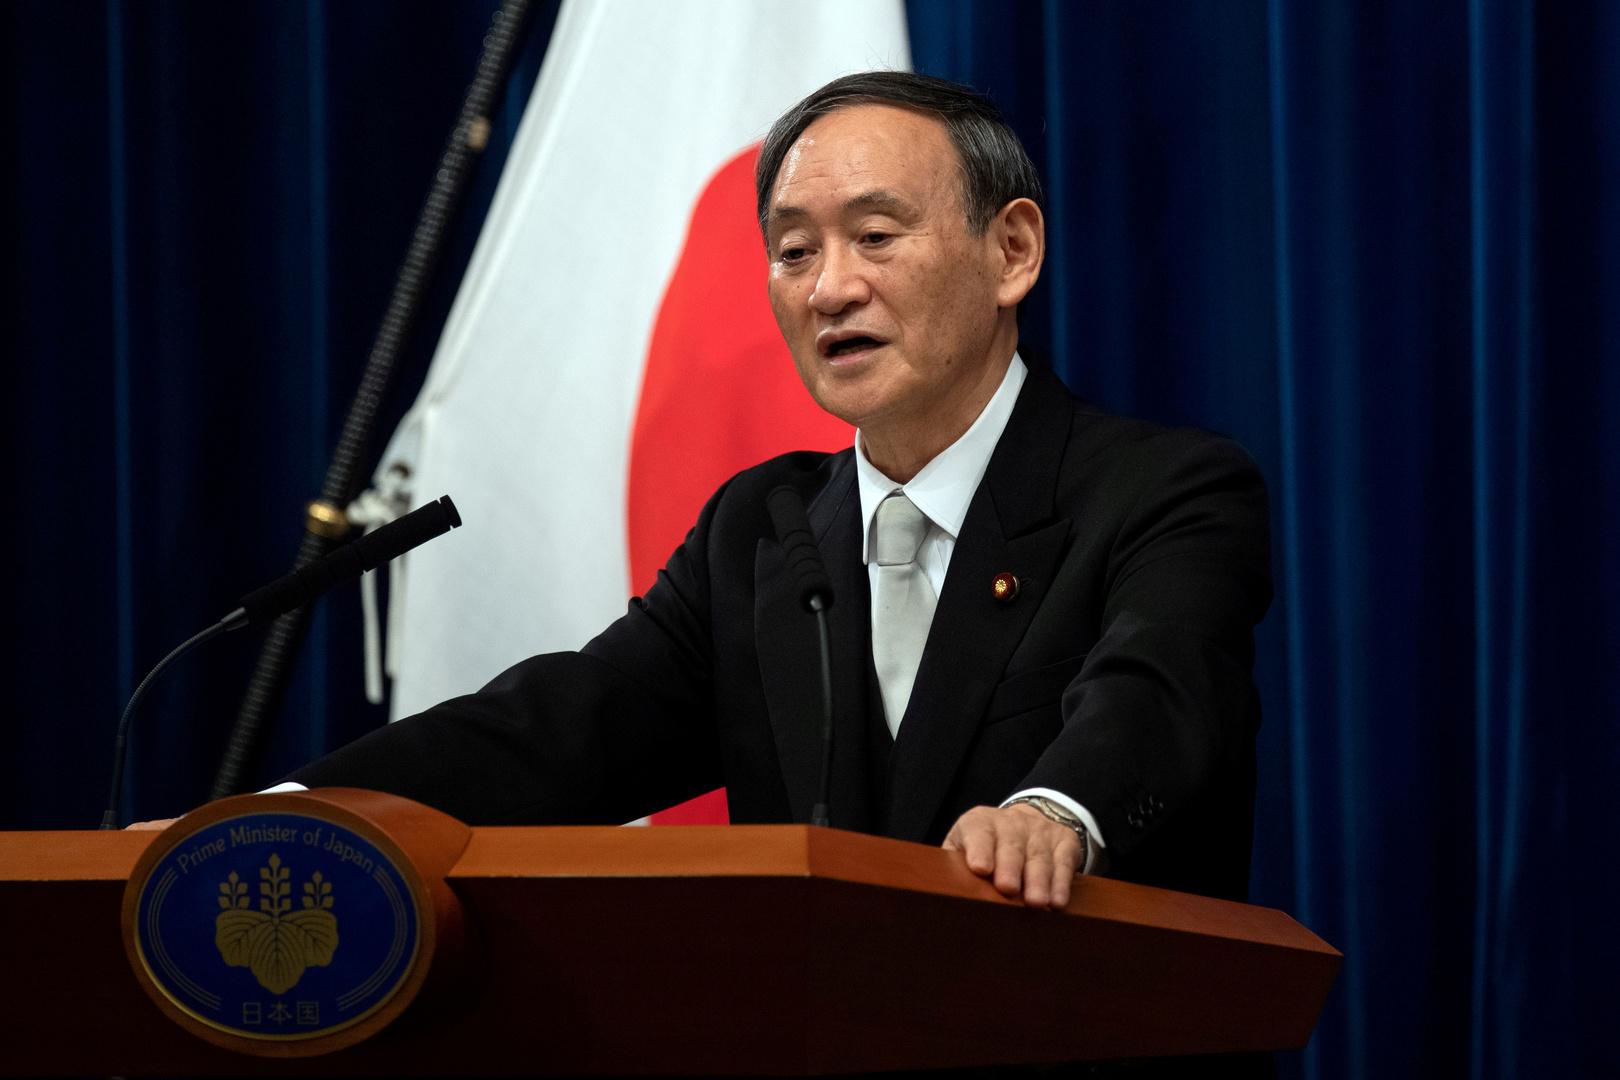 رئيس وزراء اليابان: مستعد للقاء كيم جونغ أون دون شروط مسبقة